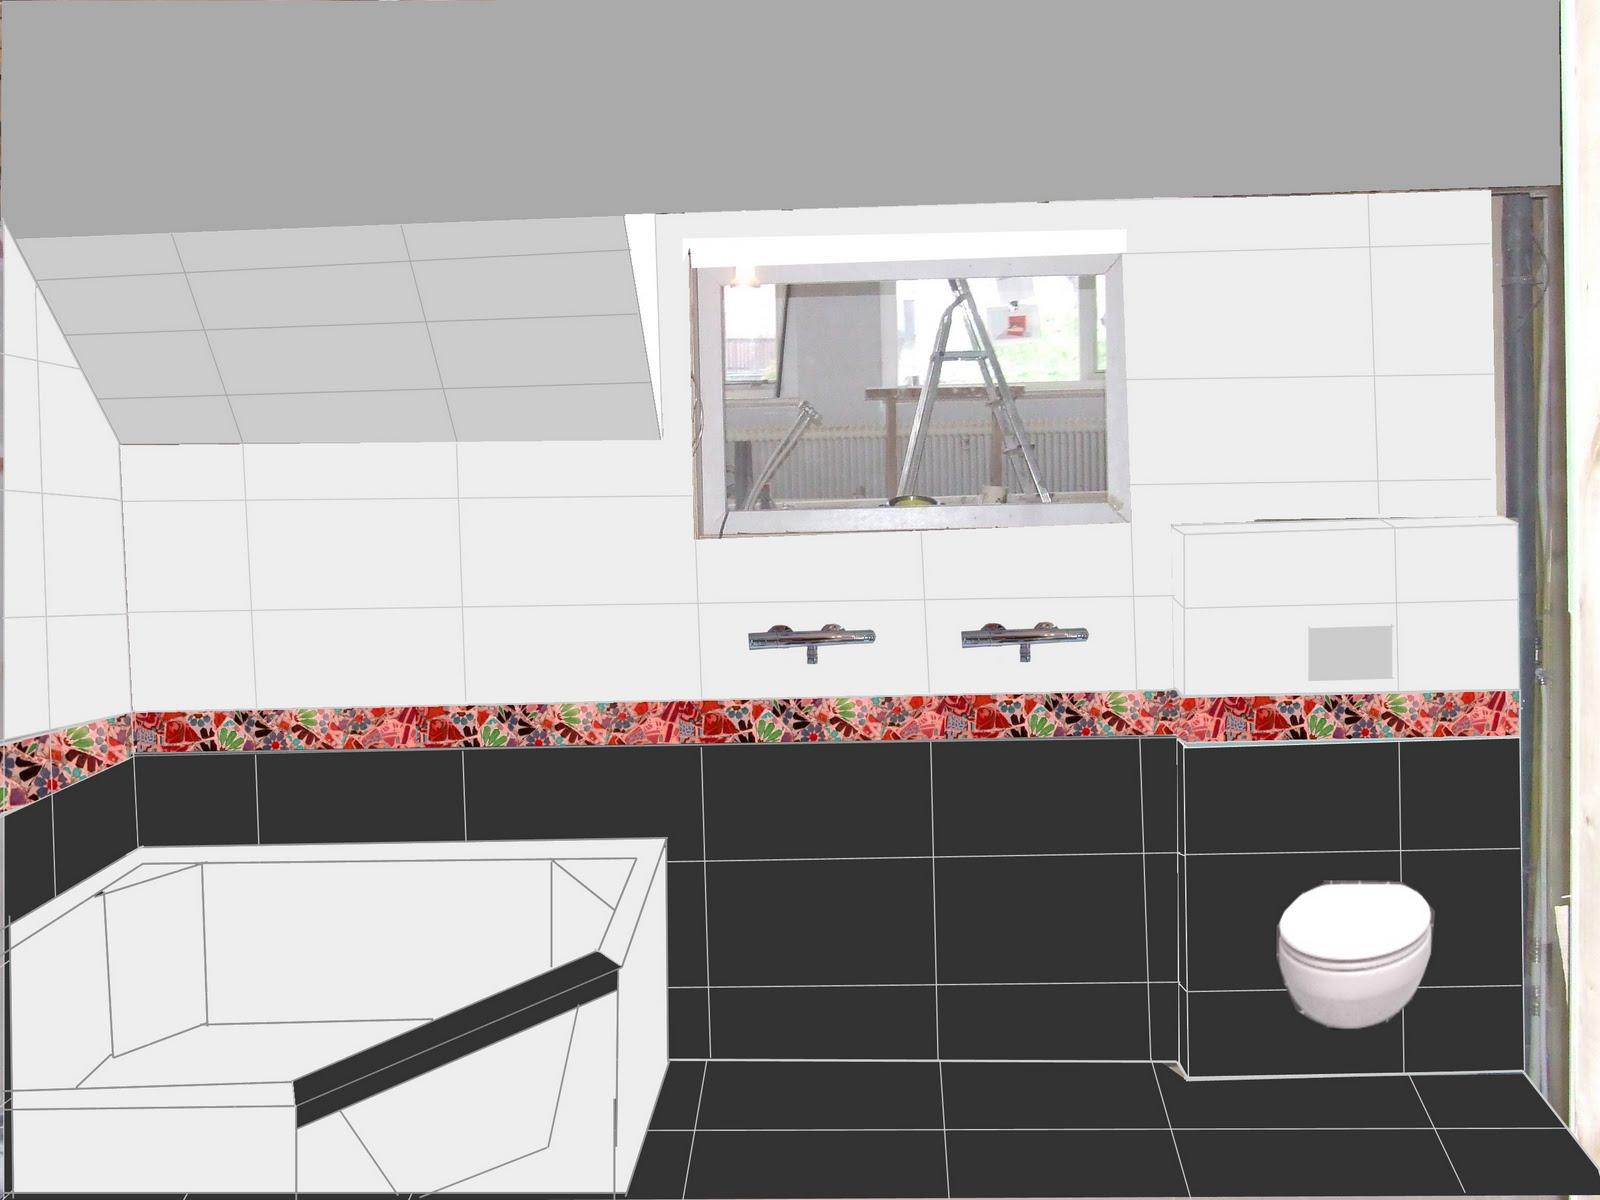 Ziep25: De tegels in de grote badkamer